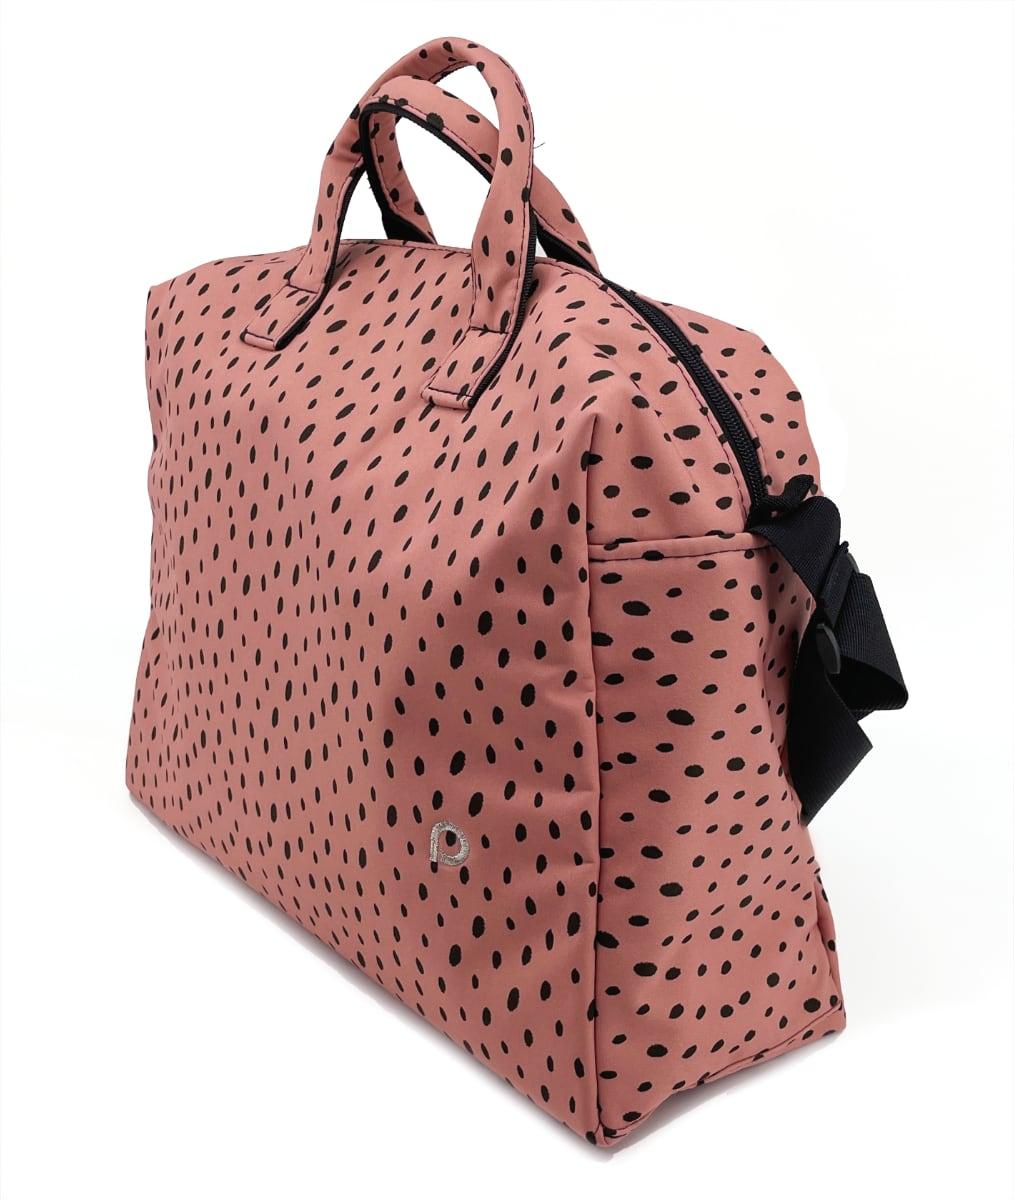 kliknutít zobrazíte maximální velikost obrázku Wickeltasche Softshell Dots Pink M